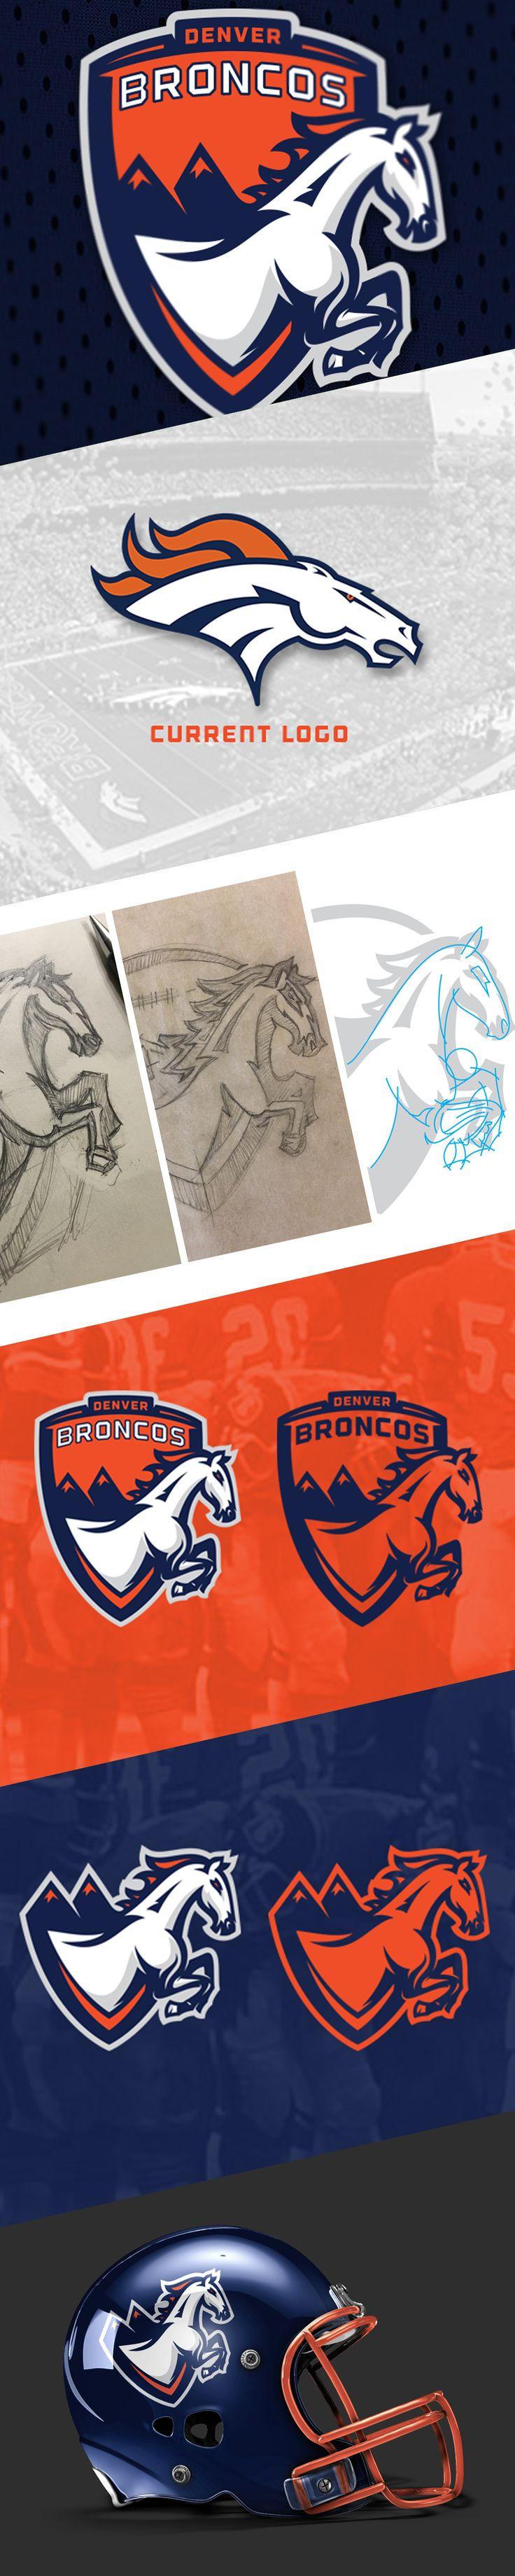 Denver Broncos Logo Remake Exploration on Behance (With